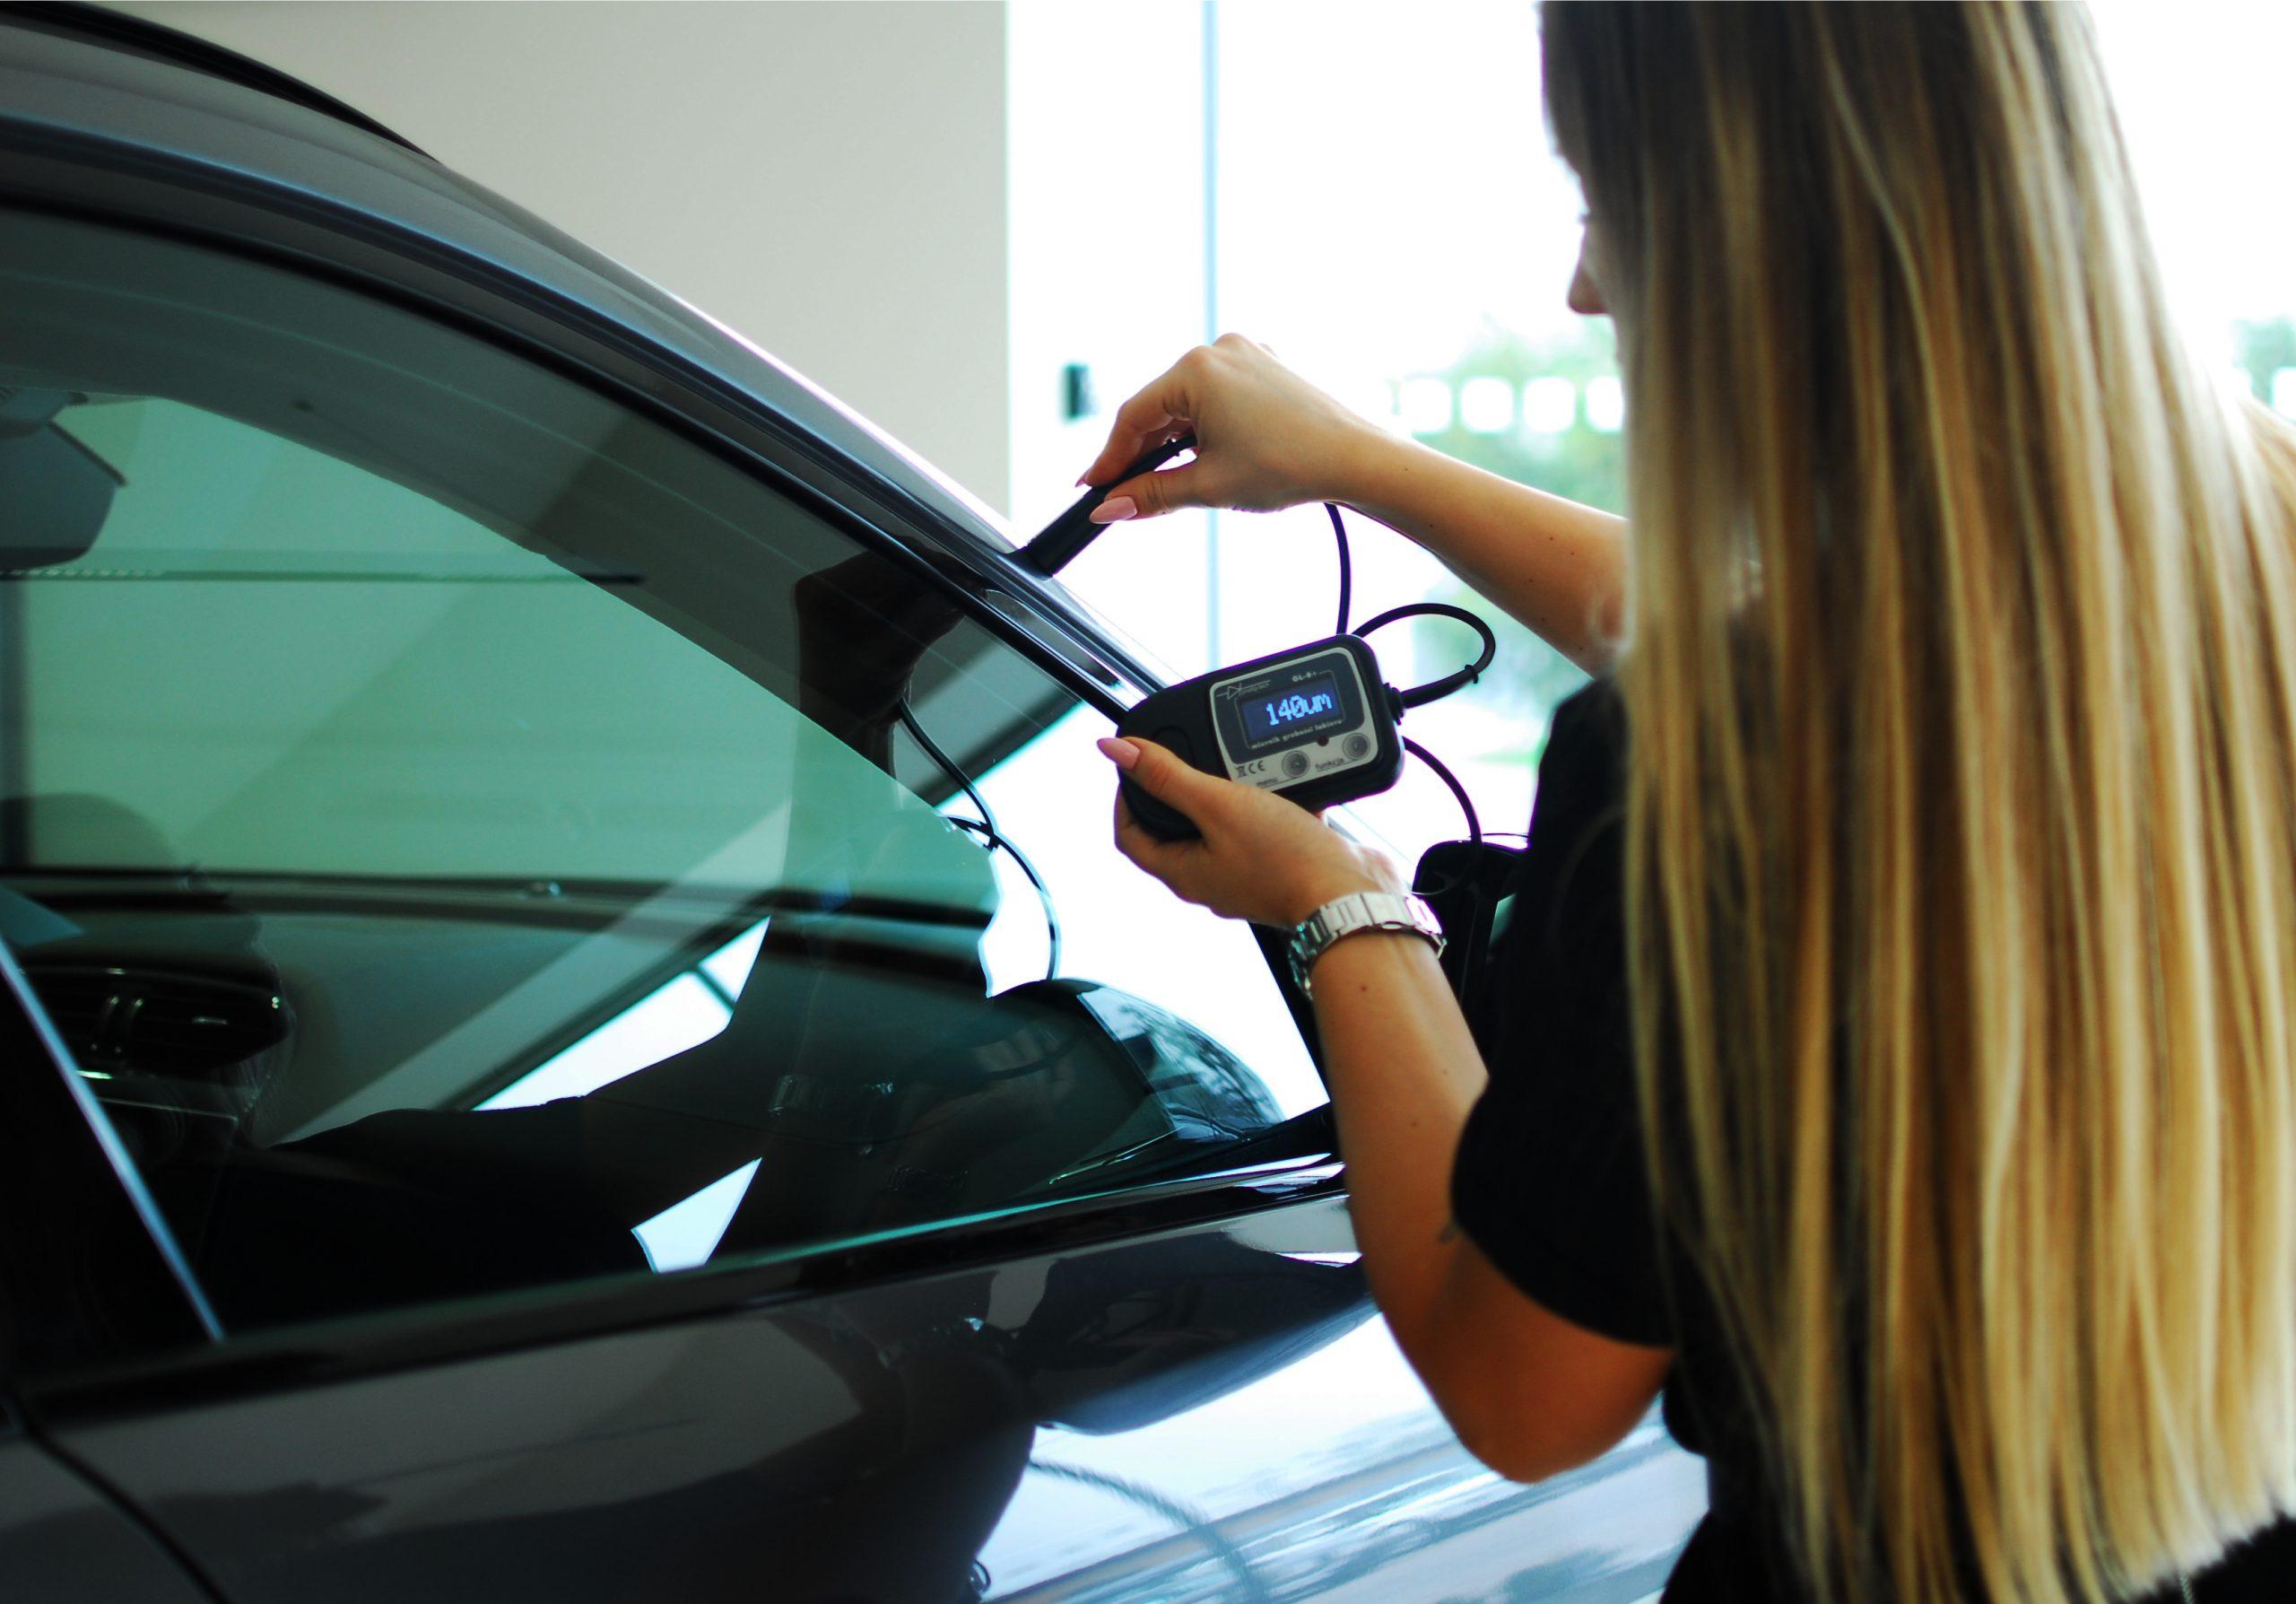 gl smart - do pomiaru powłoki lakierniczej samochodu